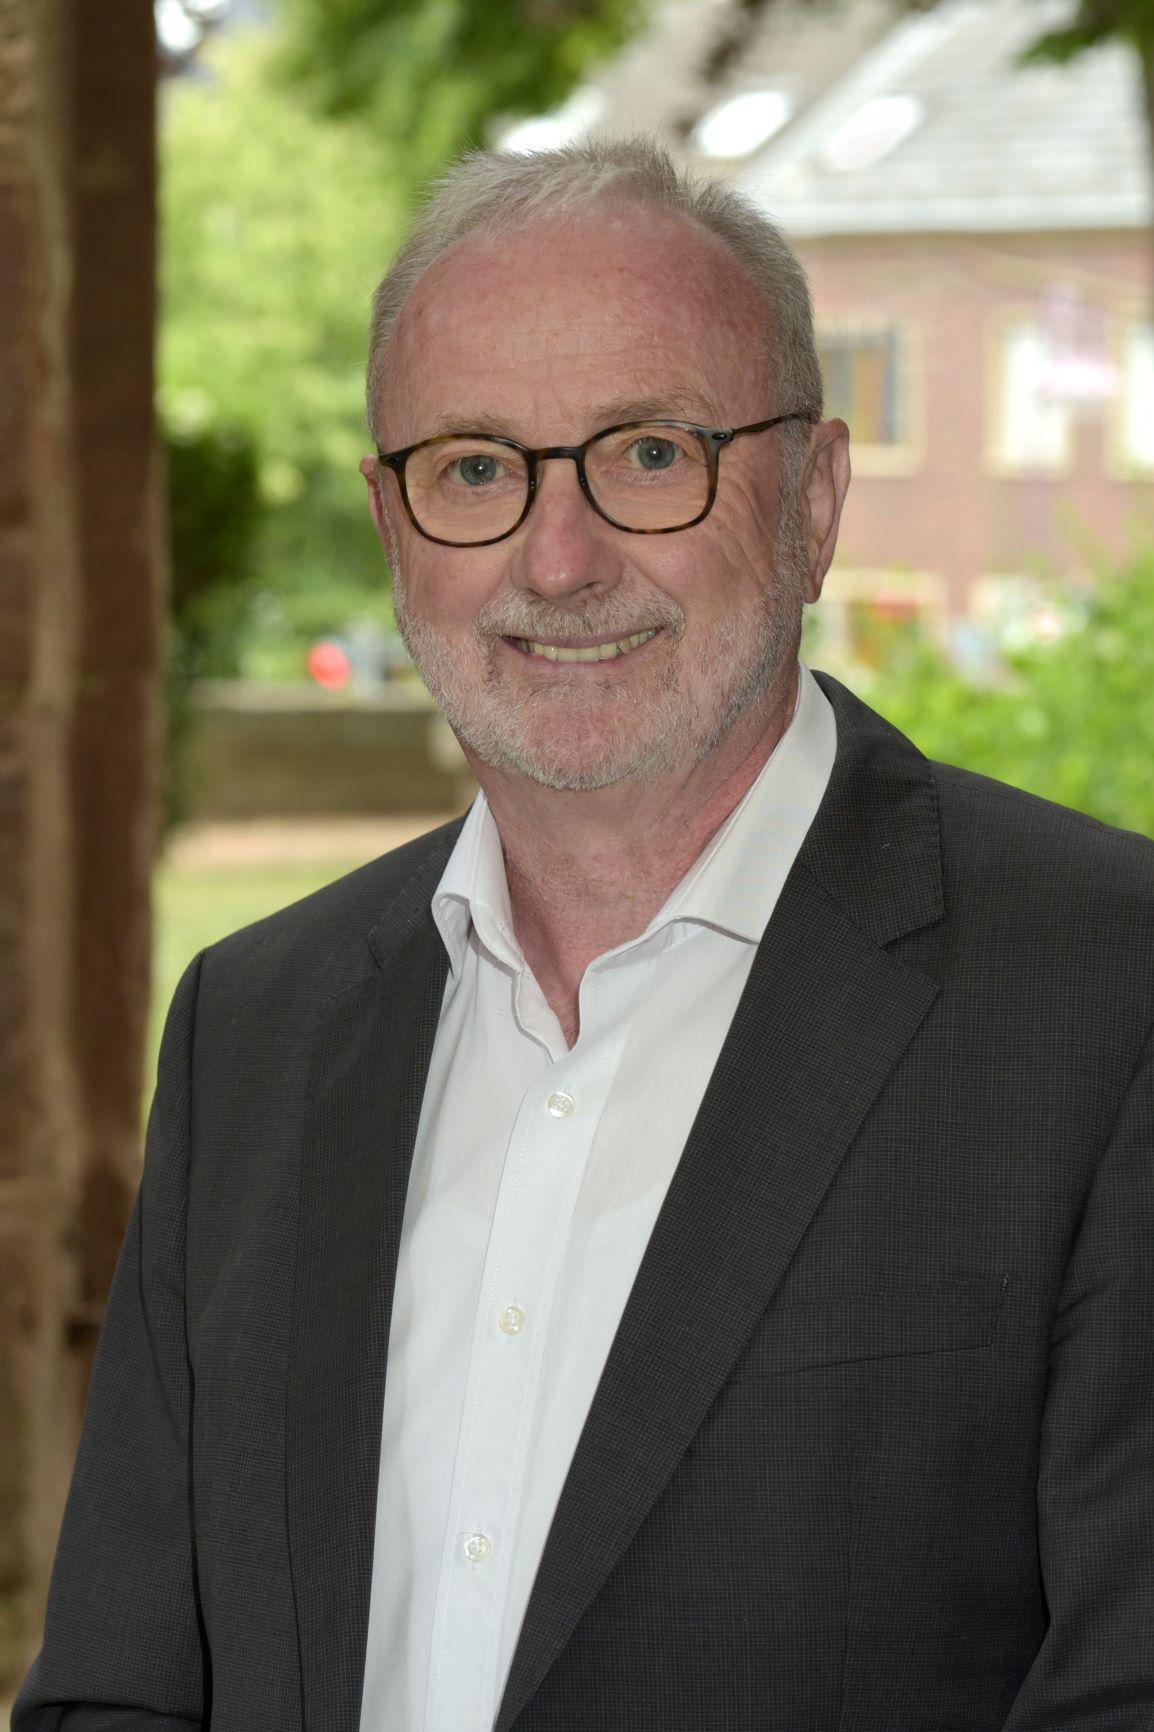 Abbildung von Klaus Bremke